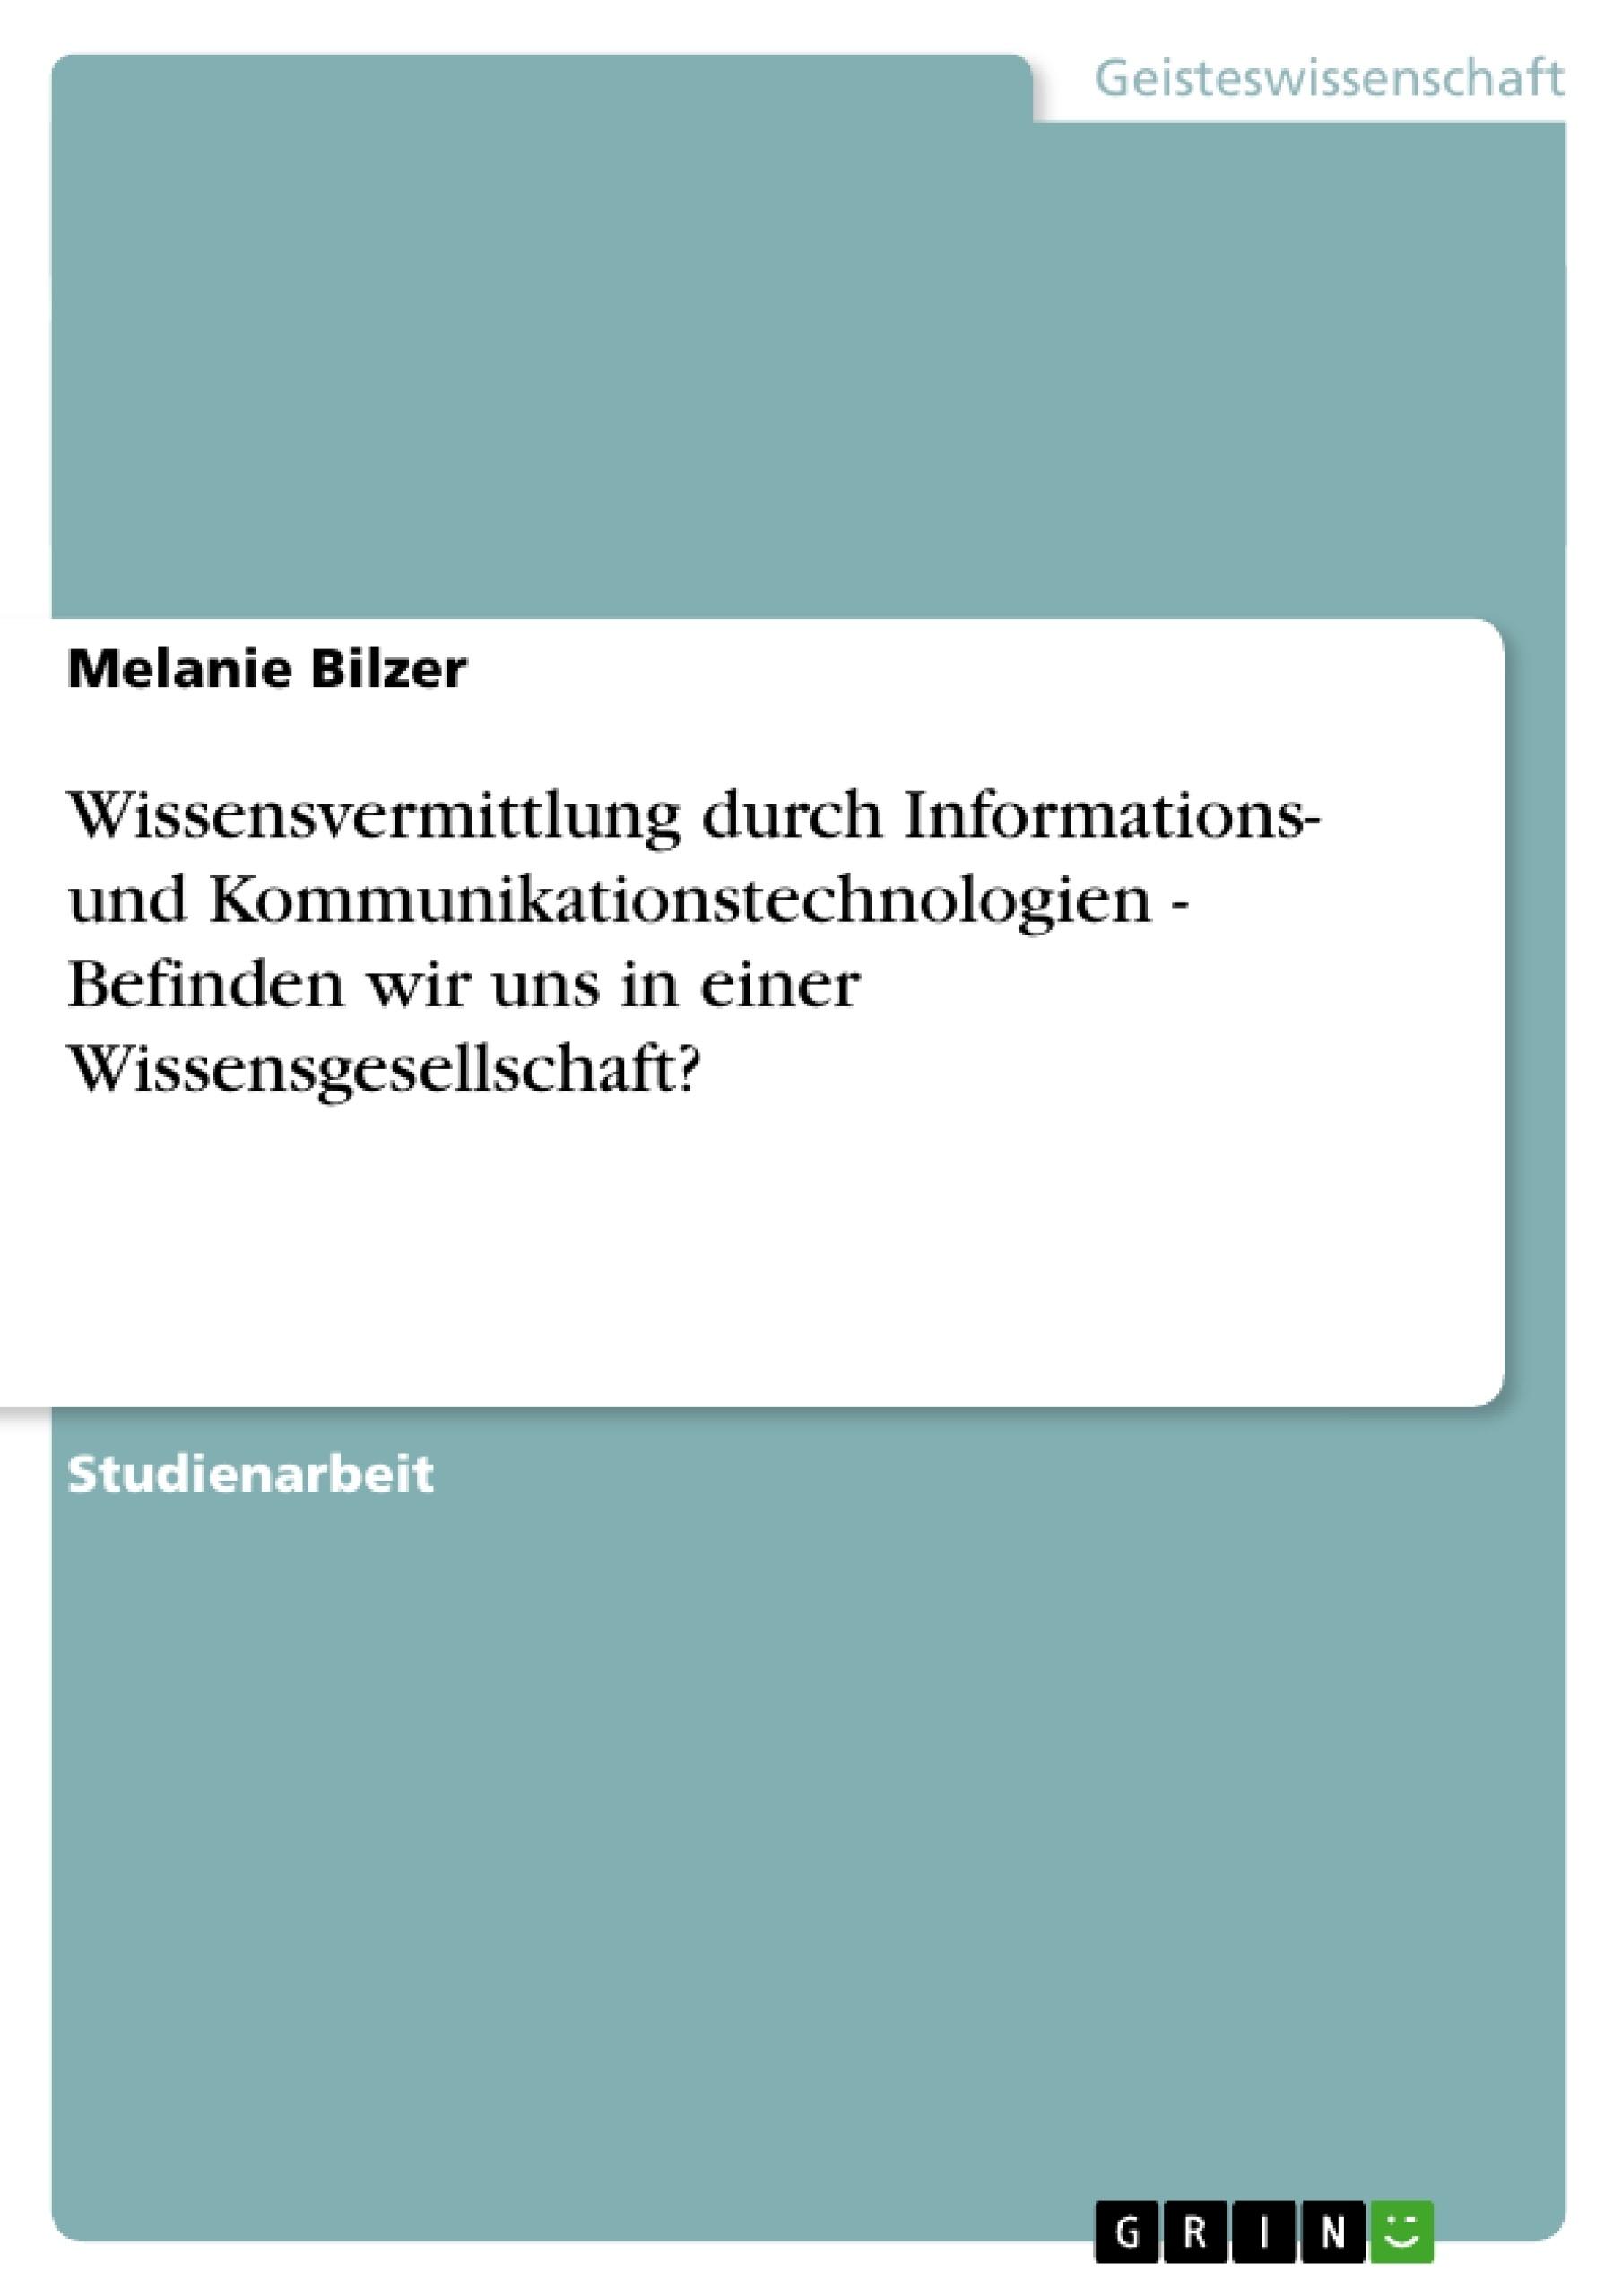 Titel: Wissensvermittlung durch Informations- und Kommunikationstechnologien  -  Befinden wir uns in einer Wissensgesellschaft?